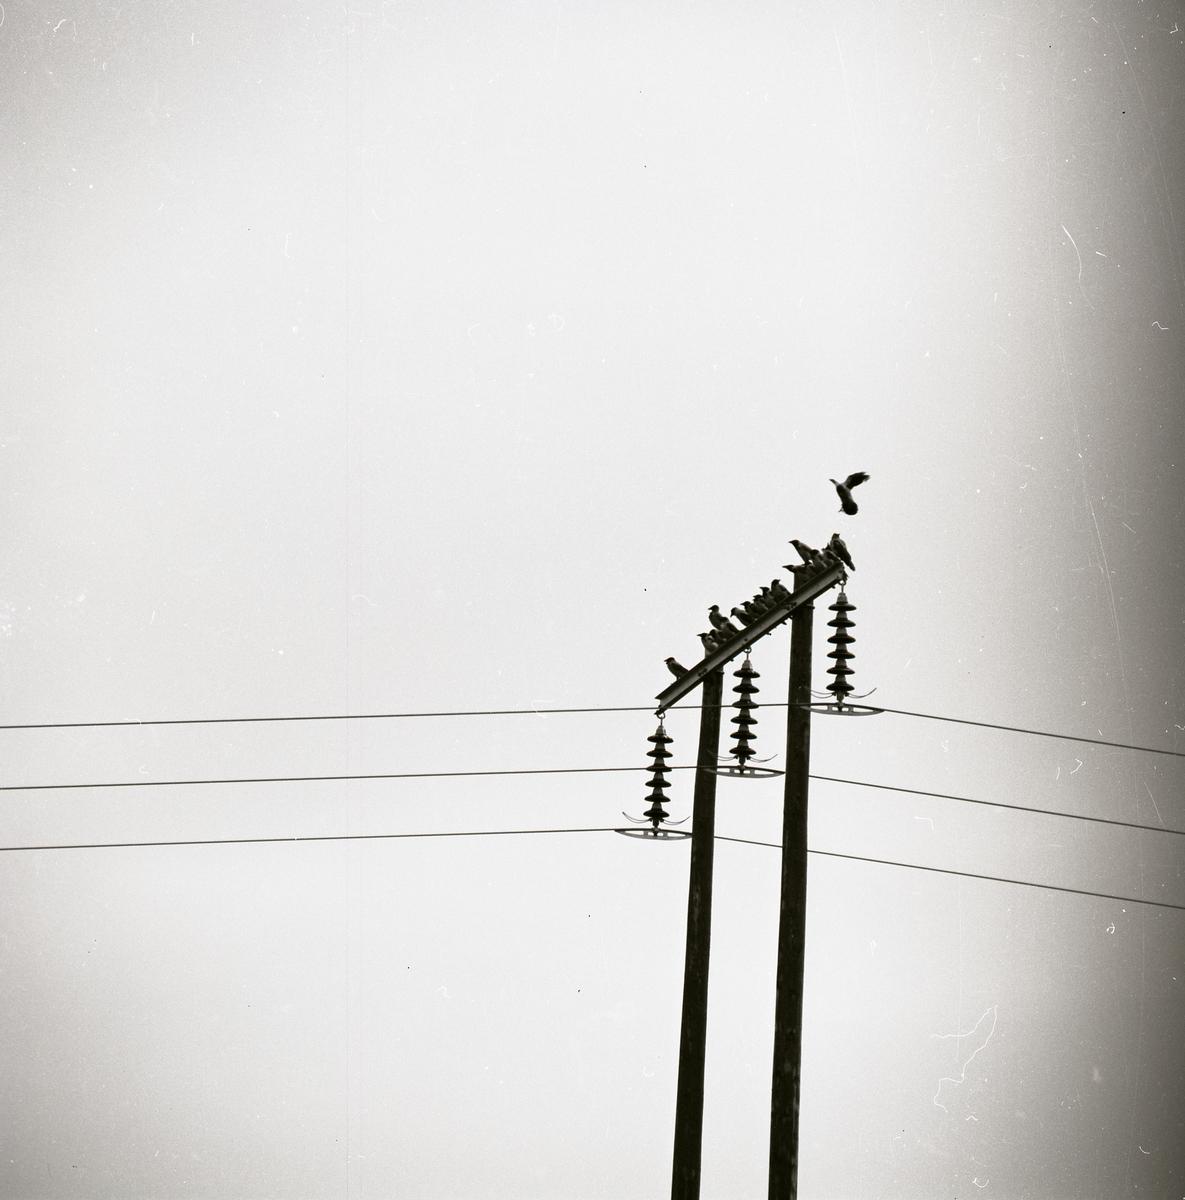 Några kråkor sitter på en kraftledning 1972.